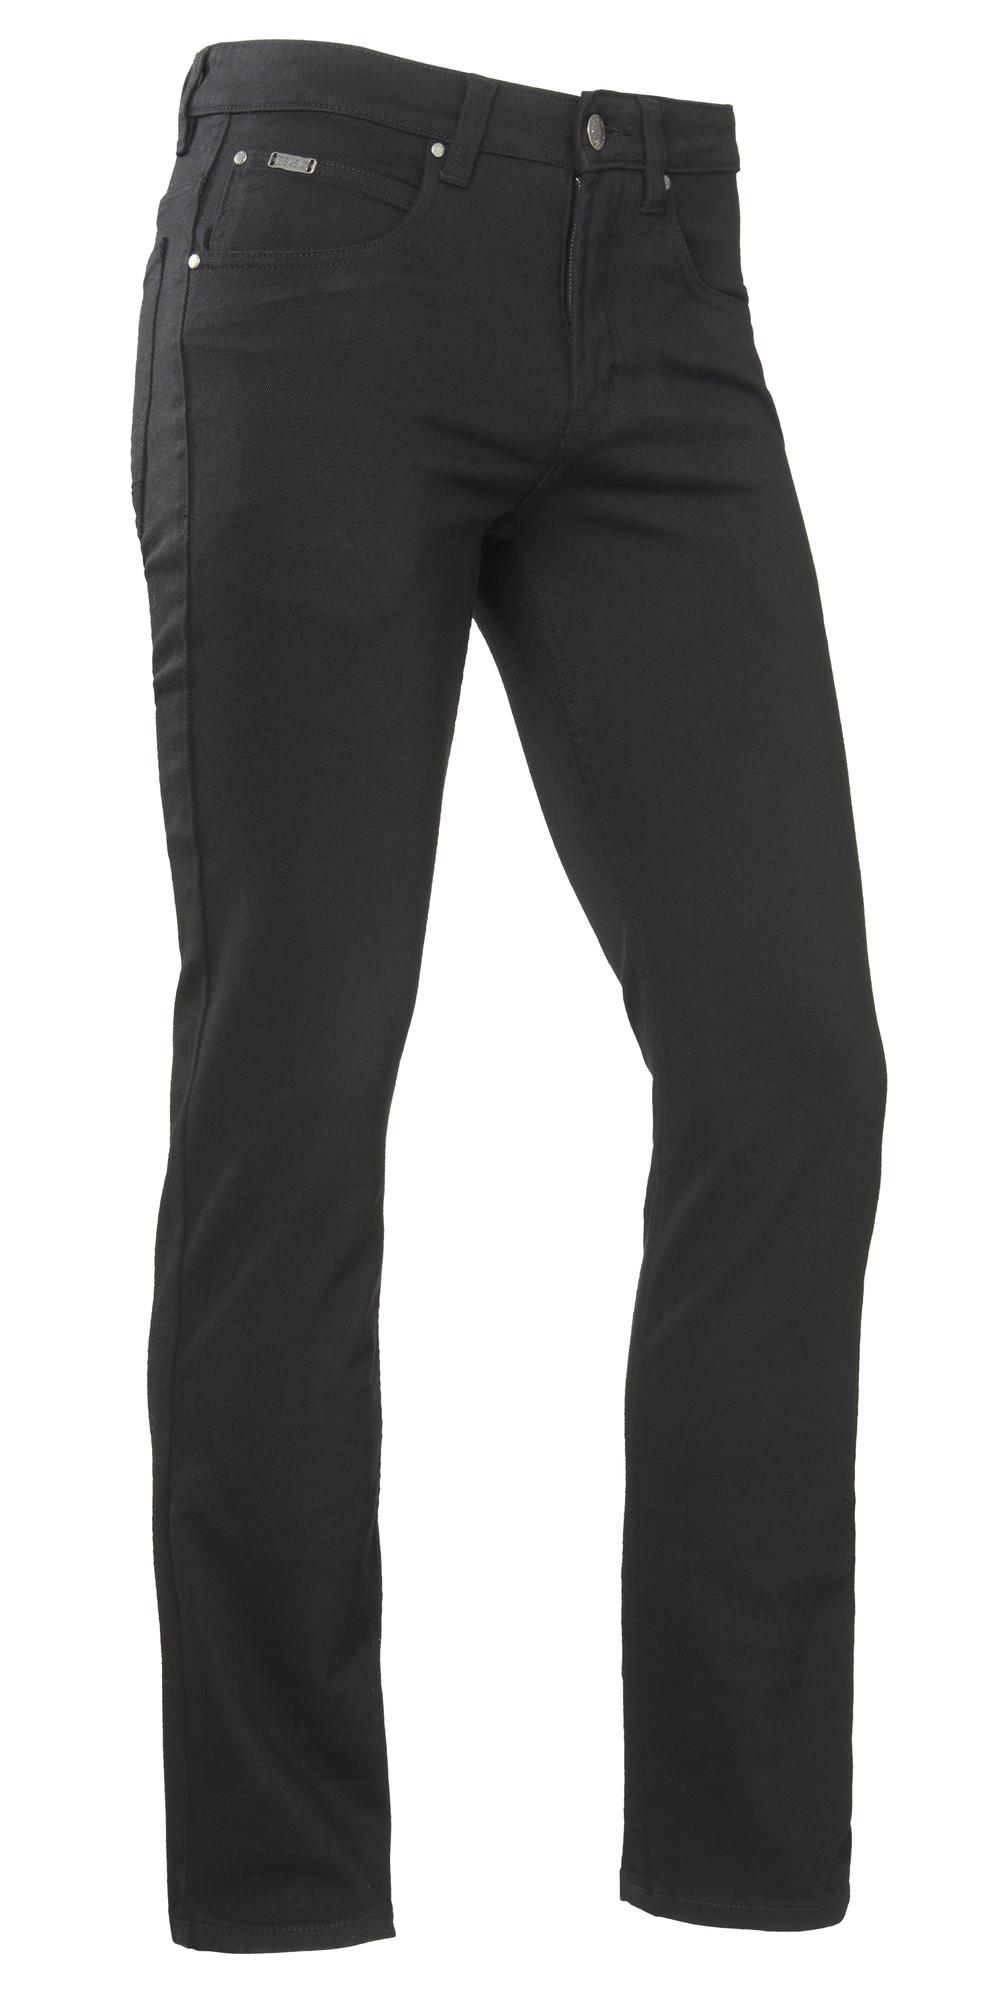 Brams Paris Danny Jeans Stretch (D51 Black Twill) W34-L30